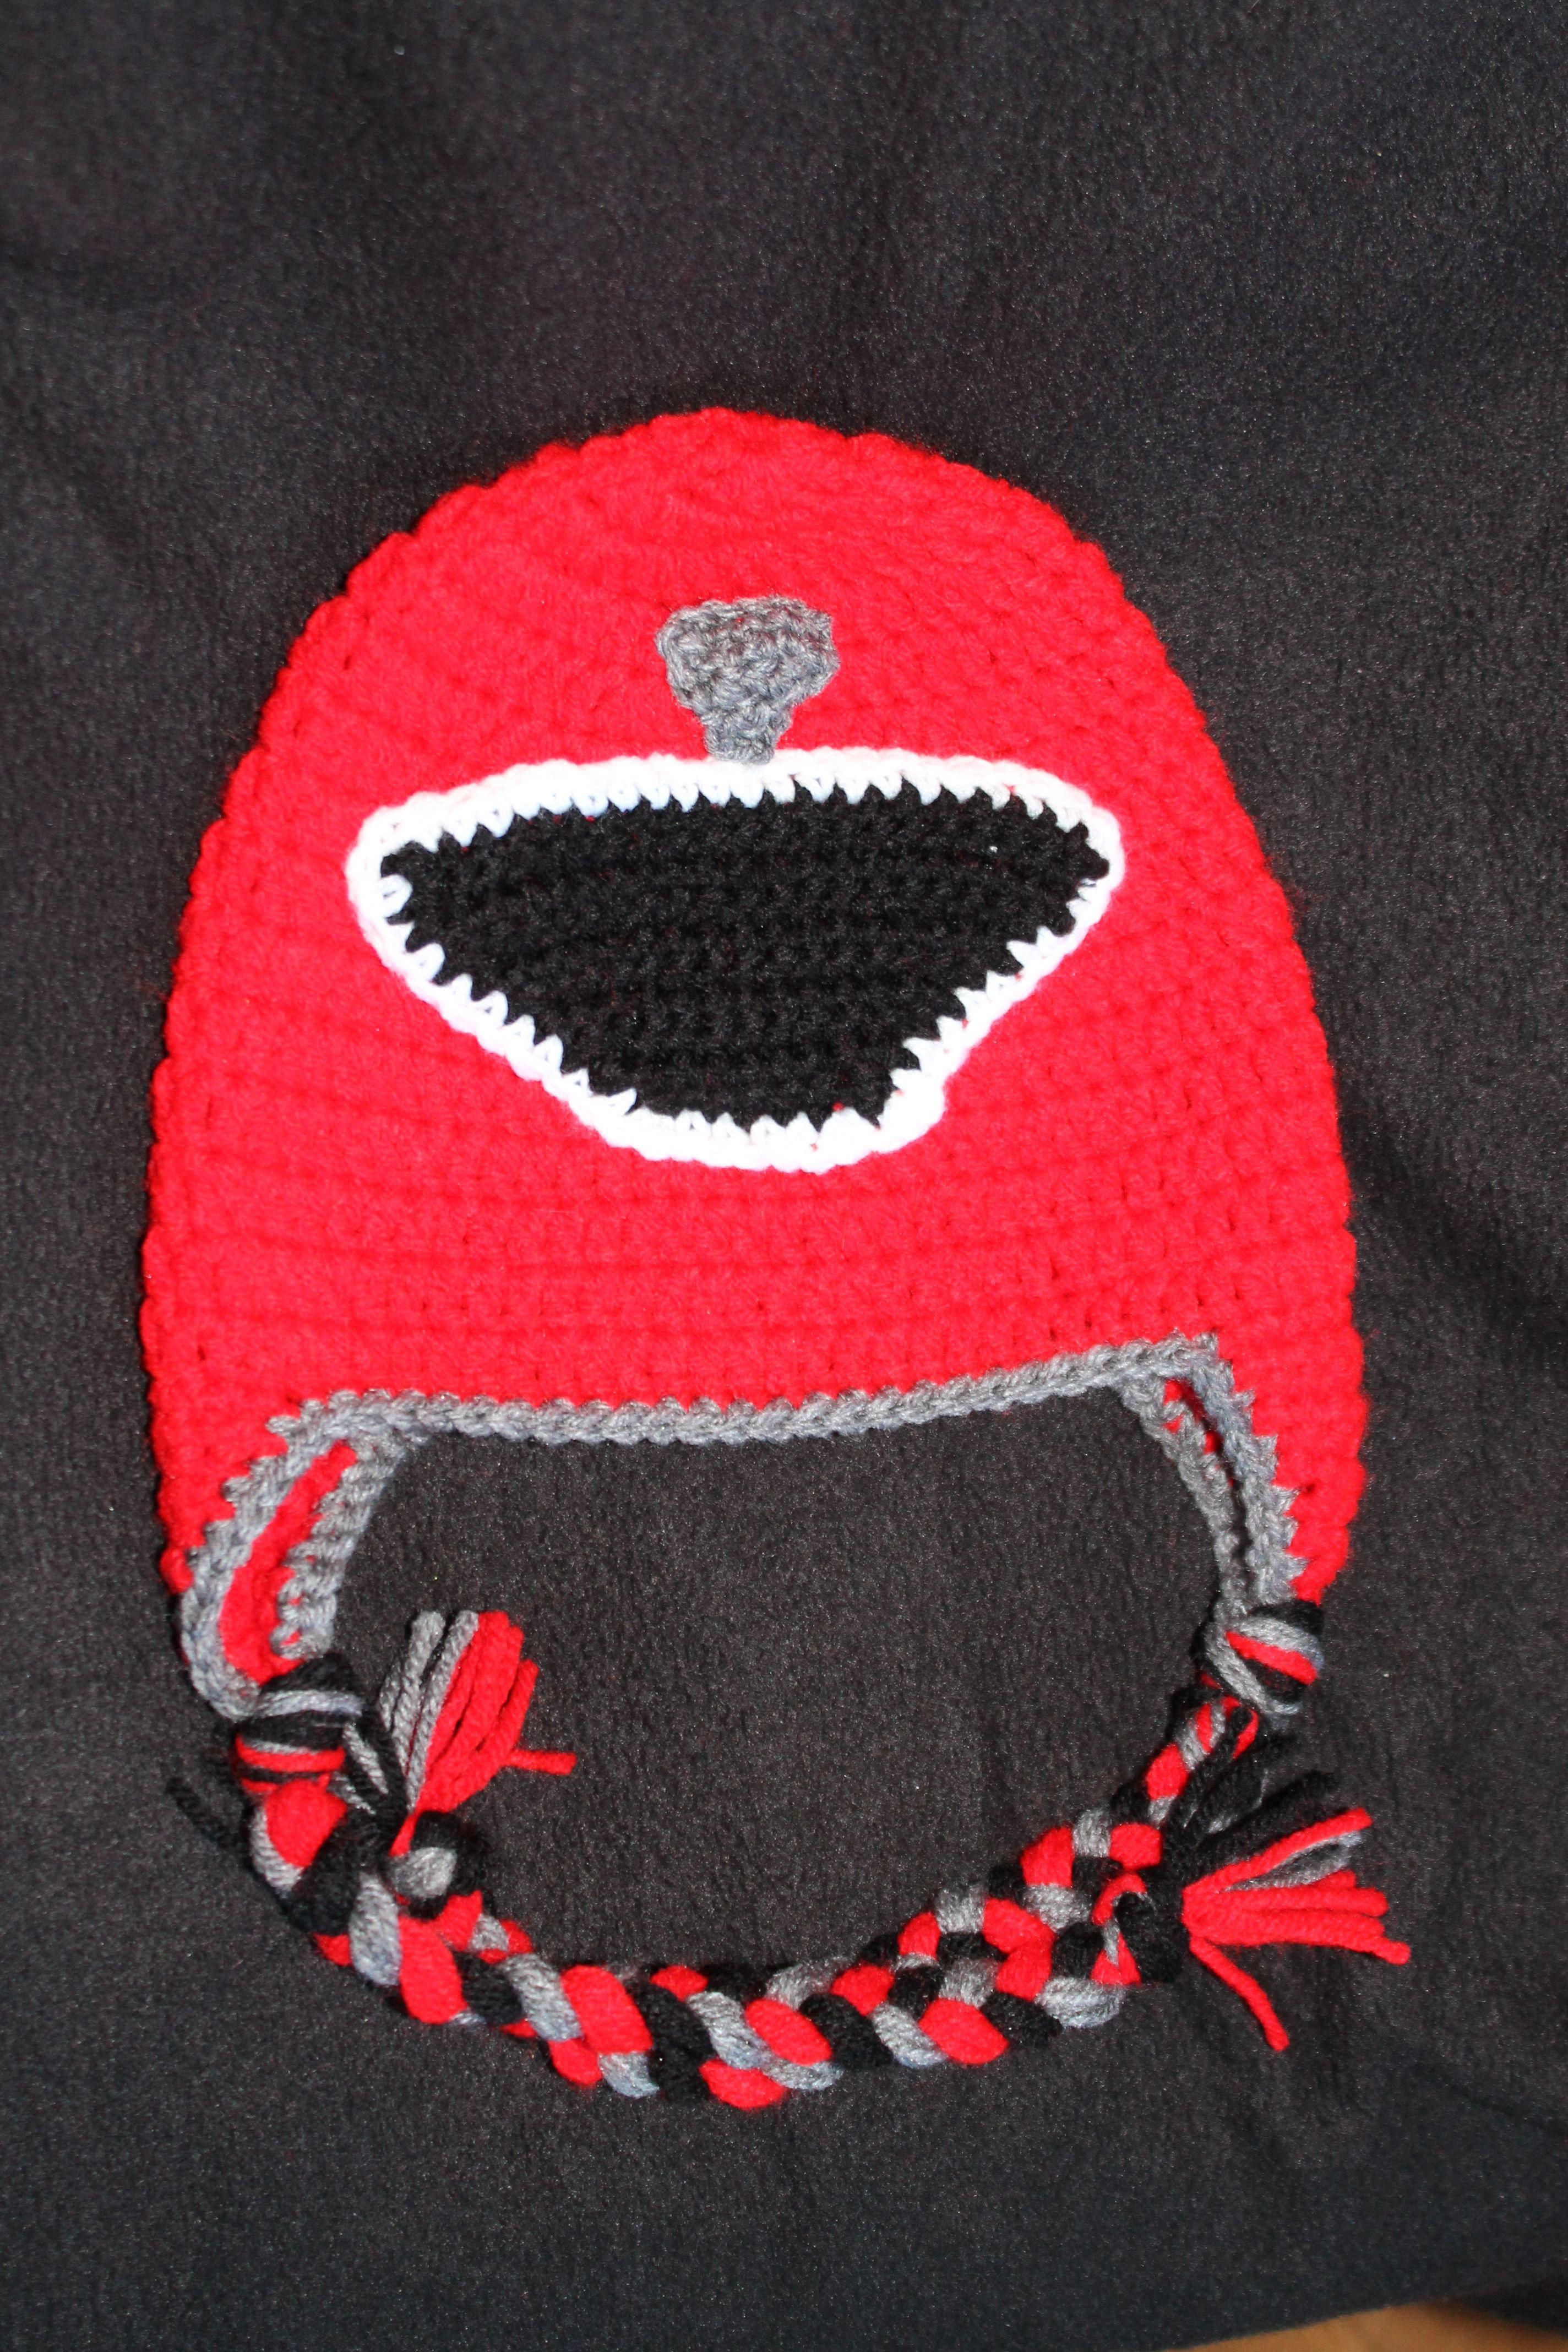 Knitting Or Crochet Better : Red power ranger crochet hat https facebook